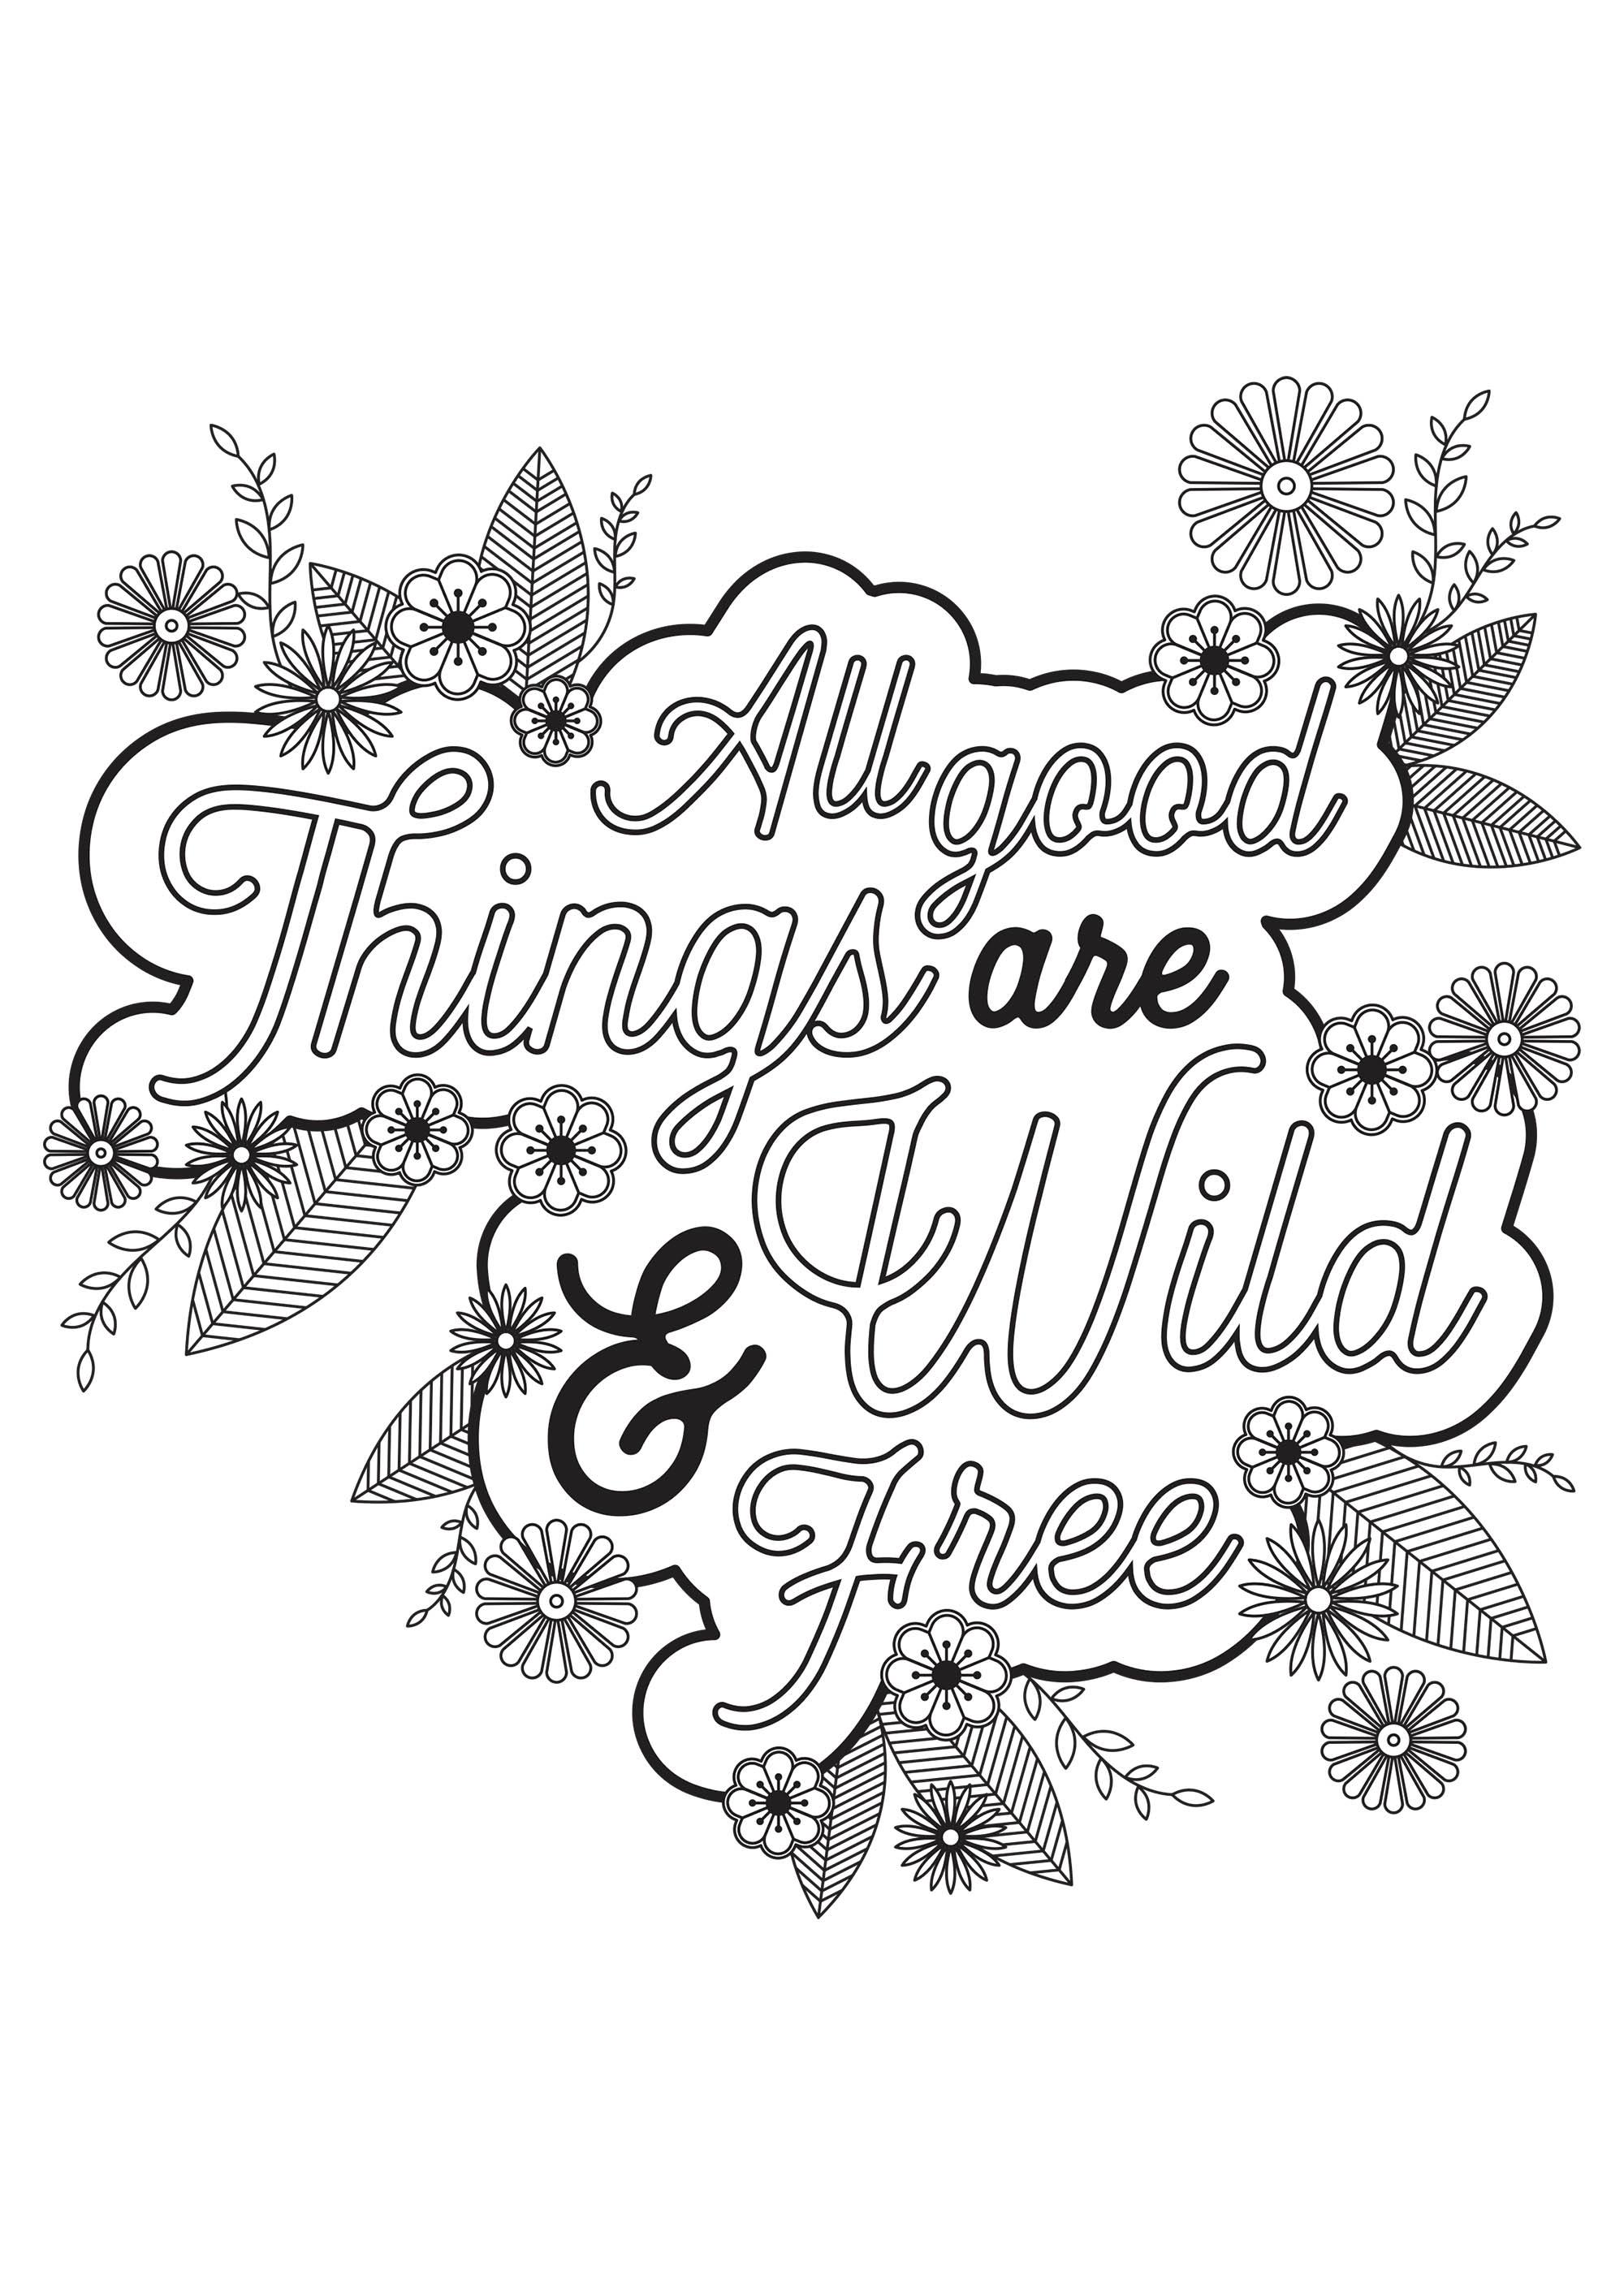 All good things are wild and free (Toutes les bonnes choses sont gratuites et à volonté)